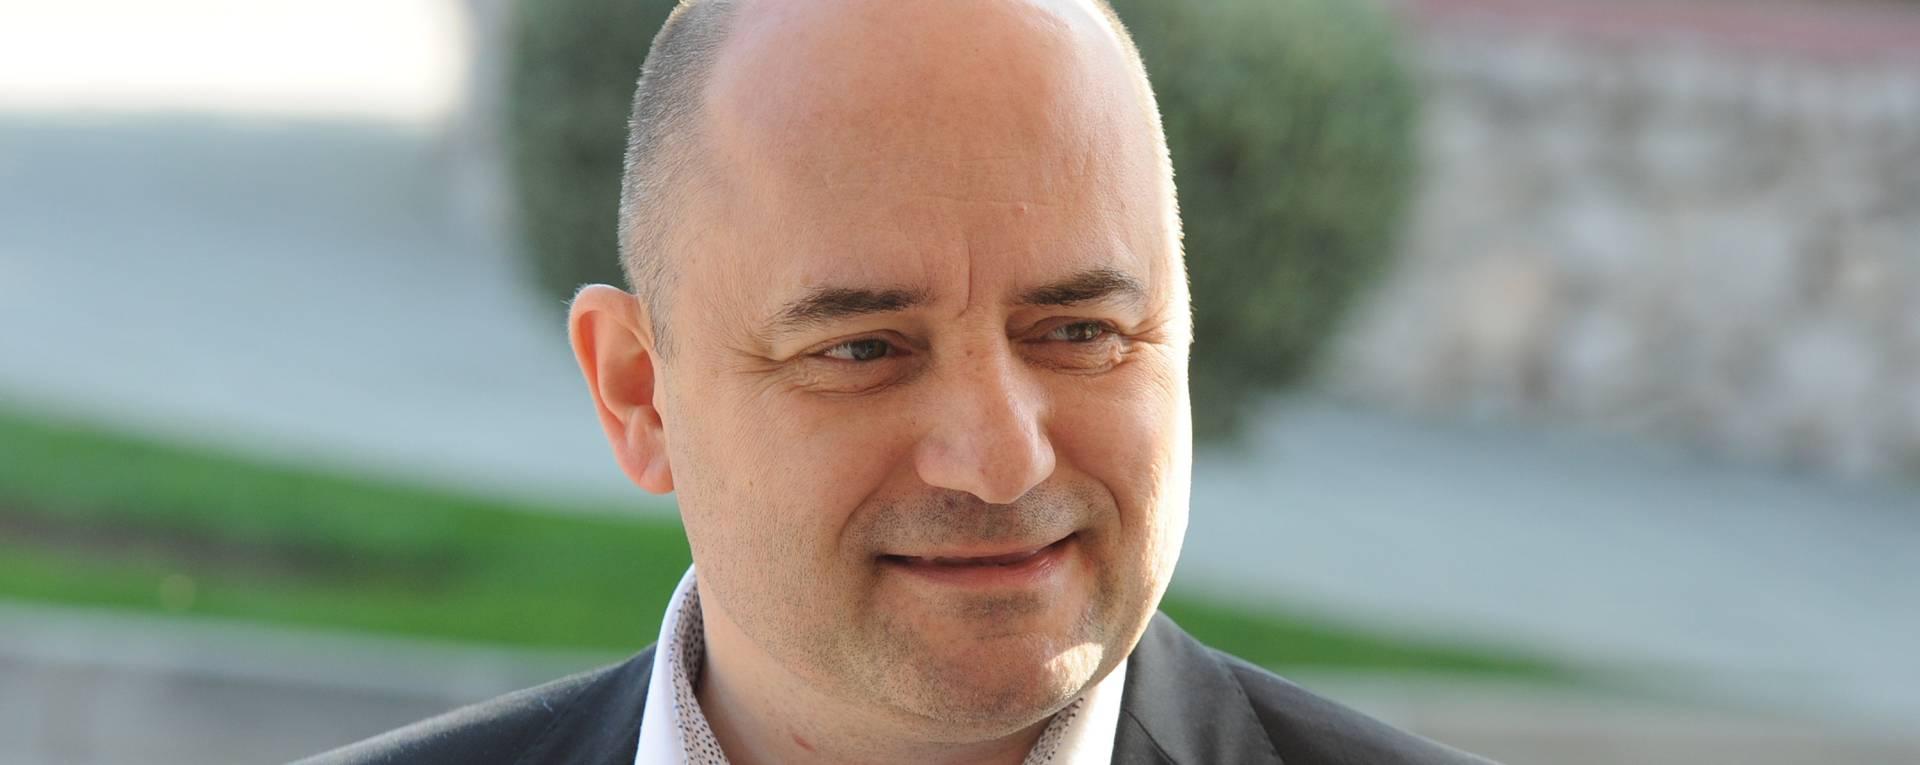 HDZ O HAPŠENJIMA Milijan Brkić potvrdio pisanje Nacionala